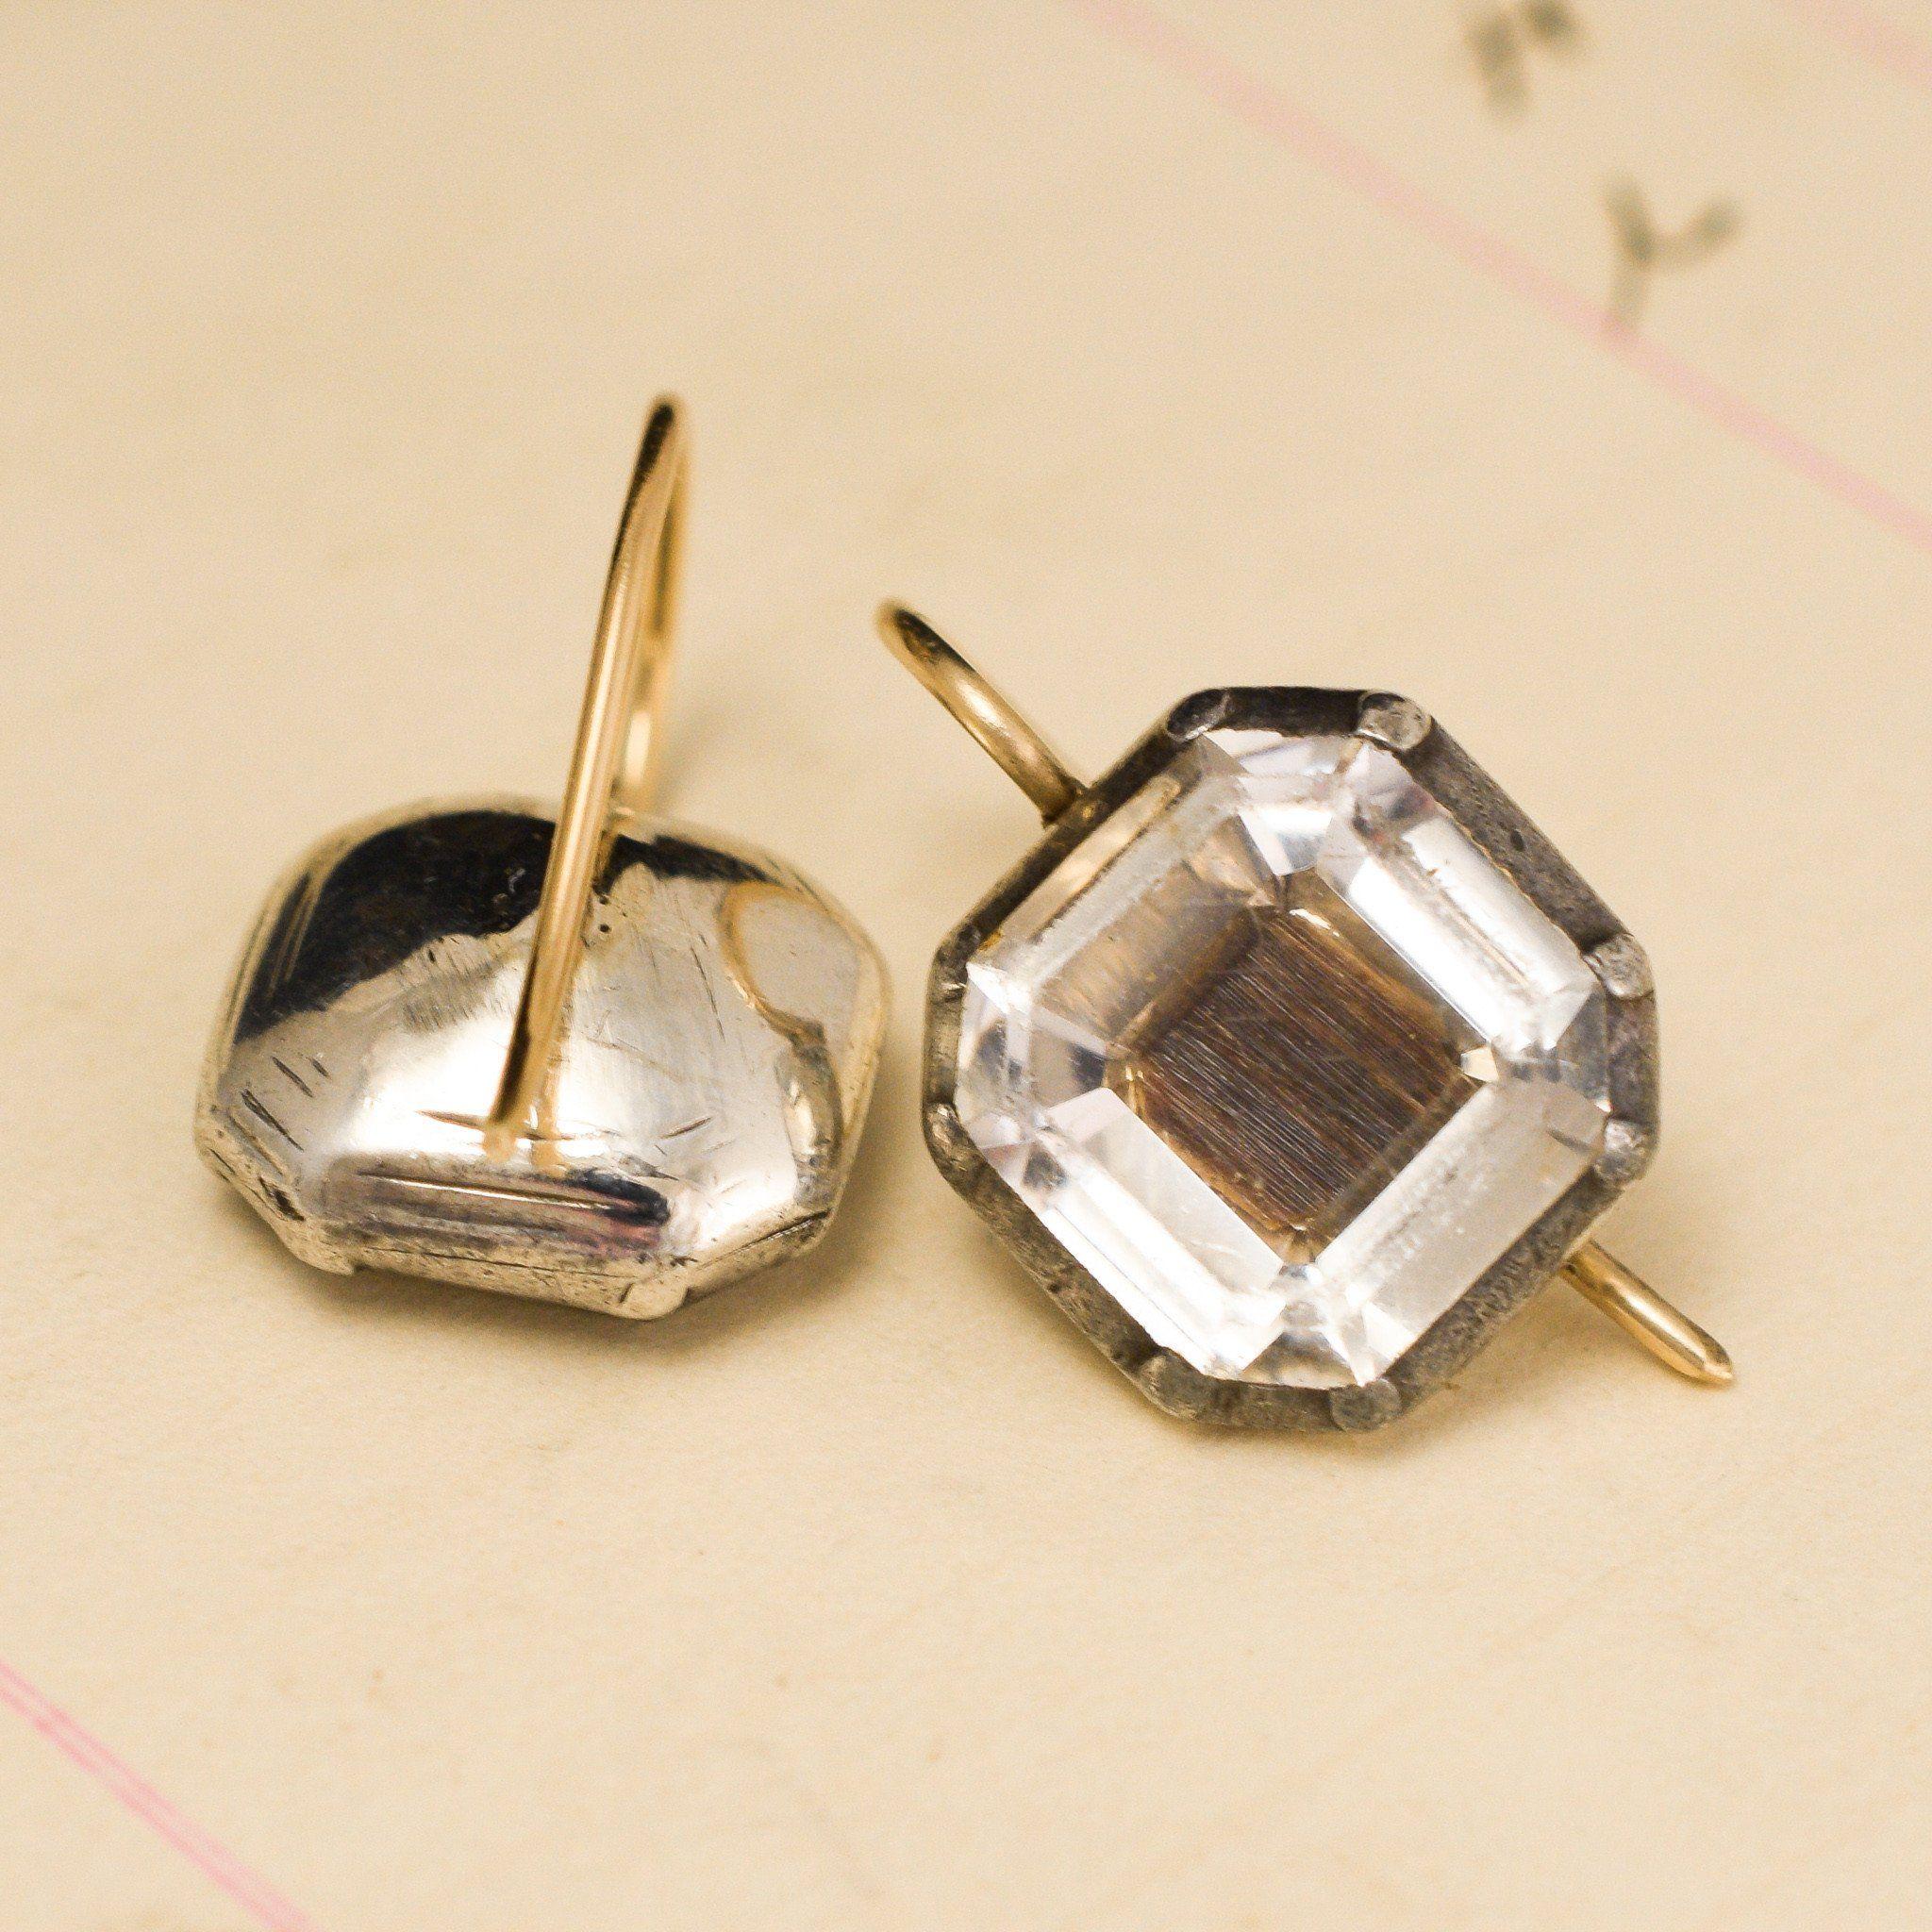 Detail of Stuart Crystal Earrings